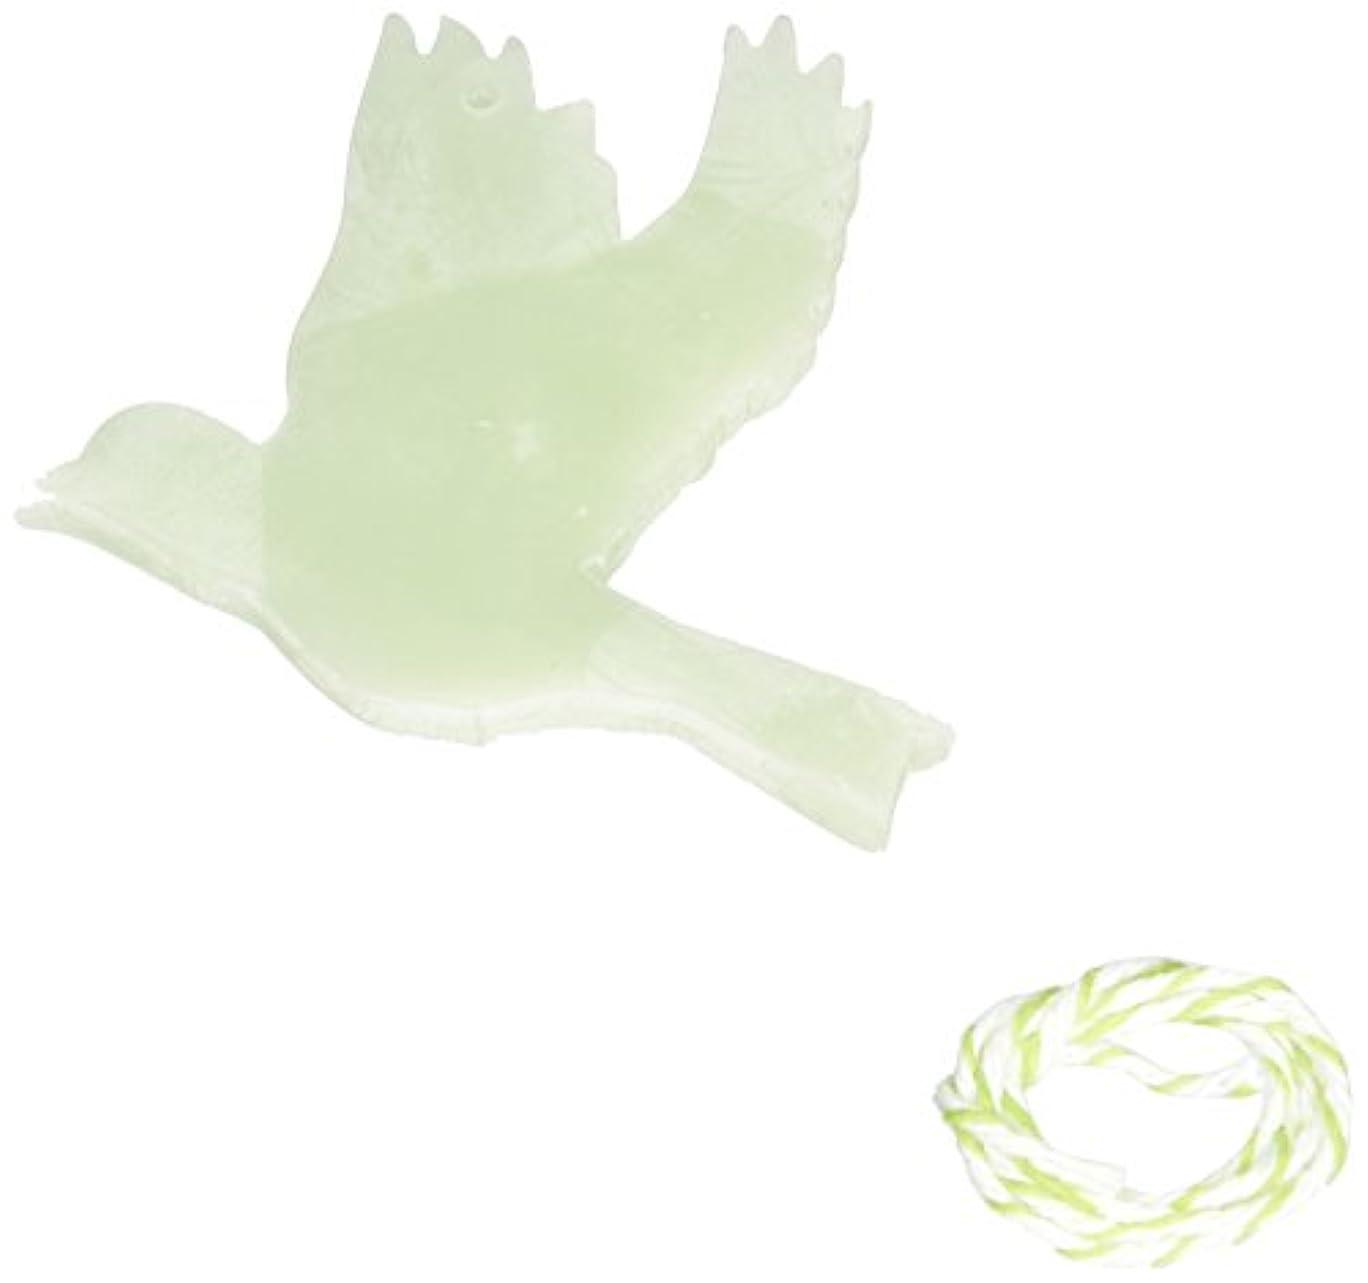 ごちそう欠如説得力のあるGRASSE TOKYO AROMATICWAXチャーム「ハト」(GR) レモングラス アロマティックワックス グラーストウキョウ